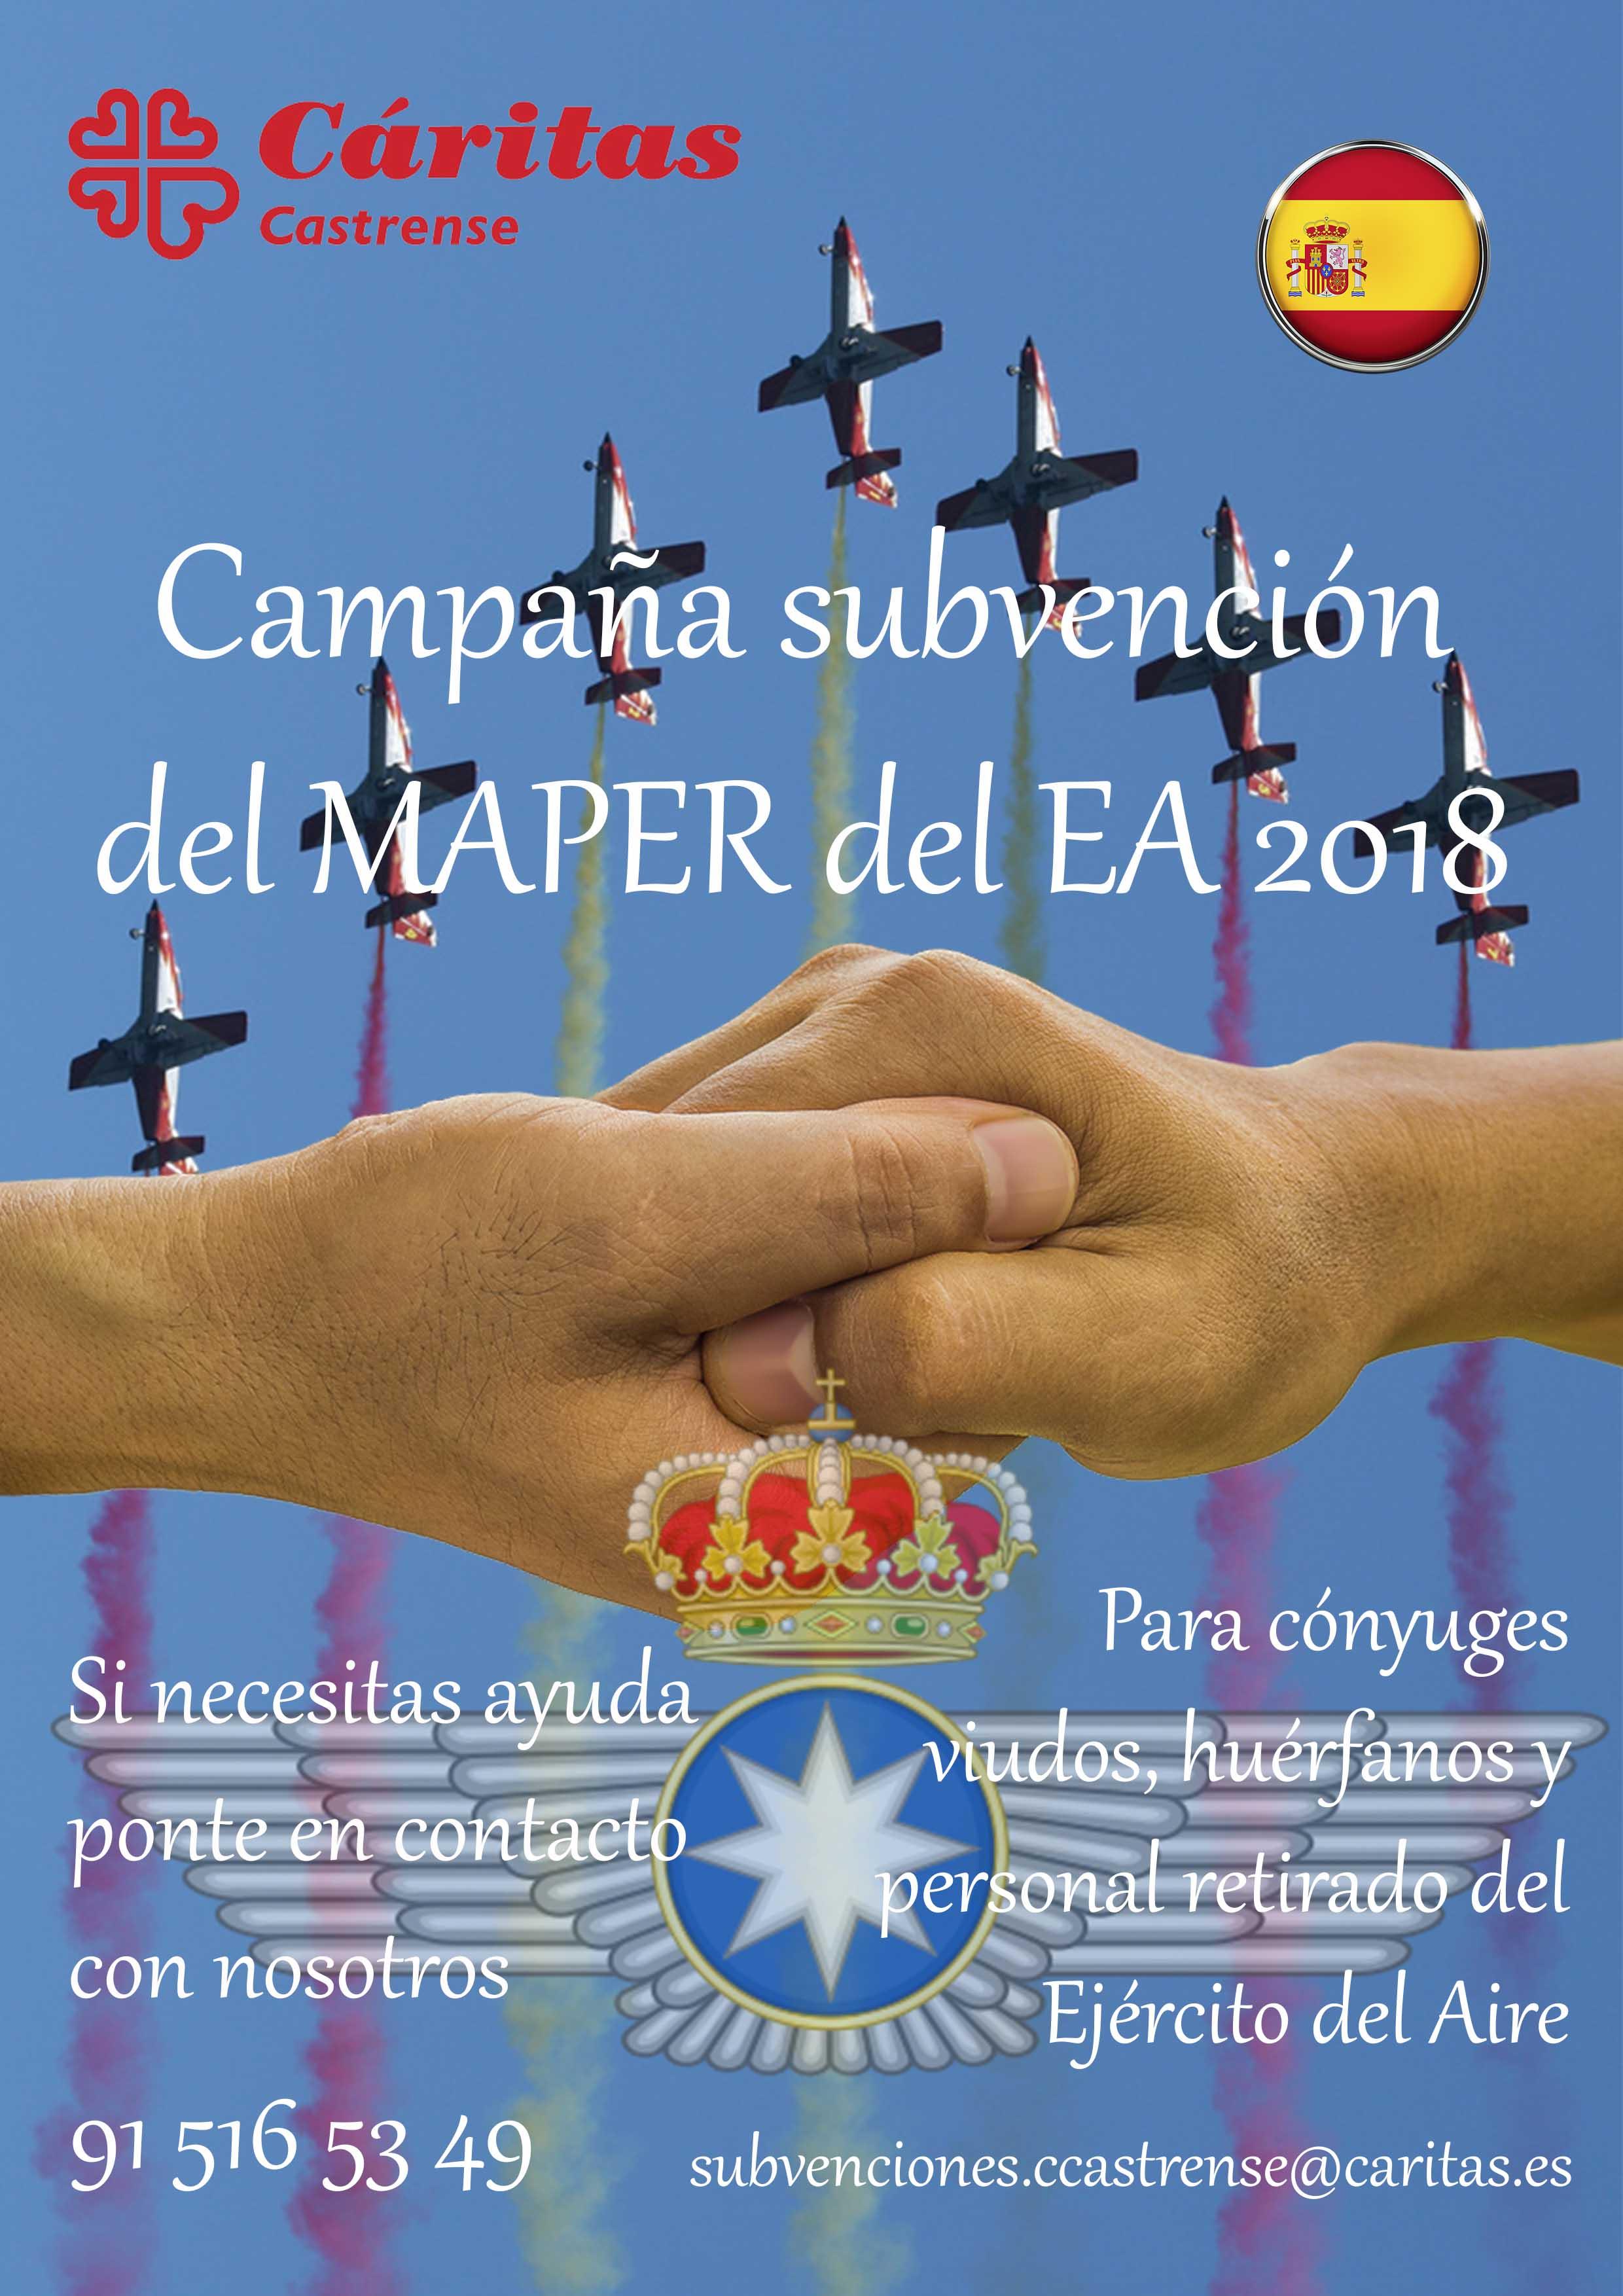 Cáritas Castrense – Campaña de subvención del MAPER